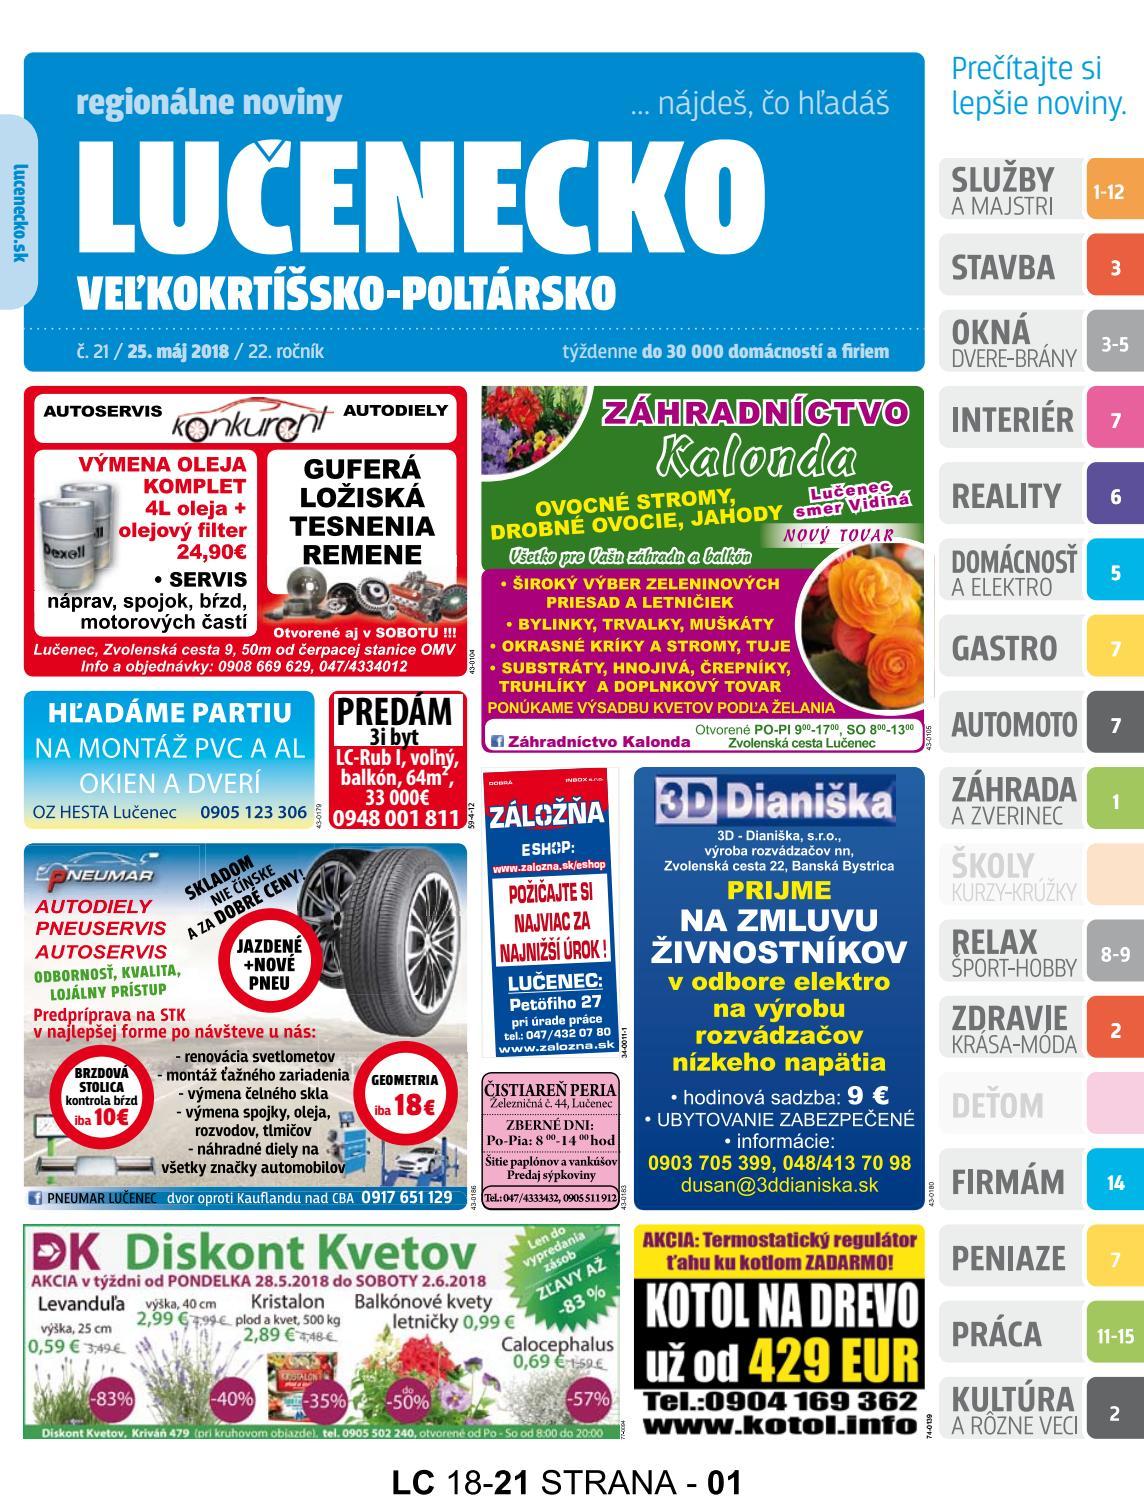 biela label Online Zoznamka